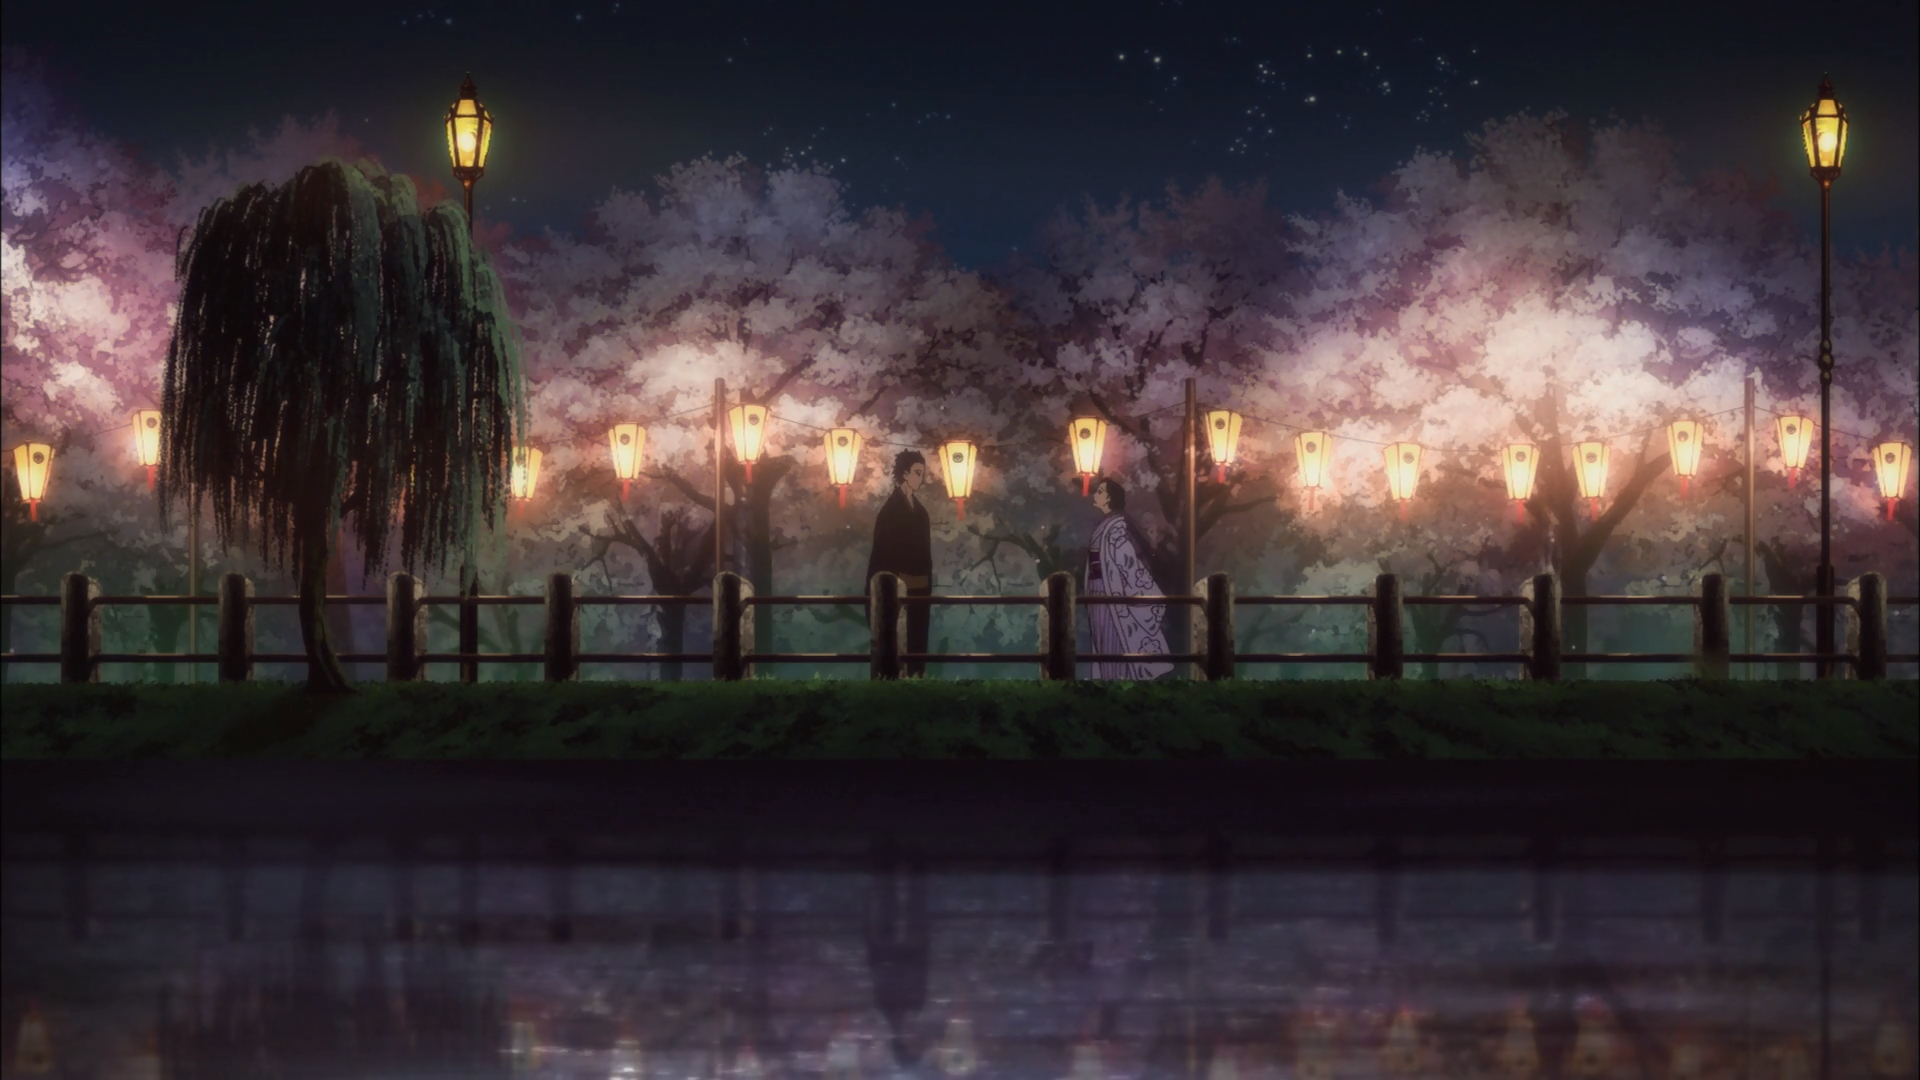 Shouwa Genroku Rakugo Shinjuu Scenery Nefarious Reviews